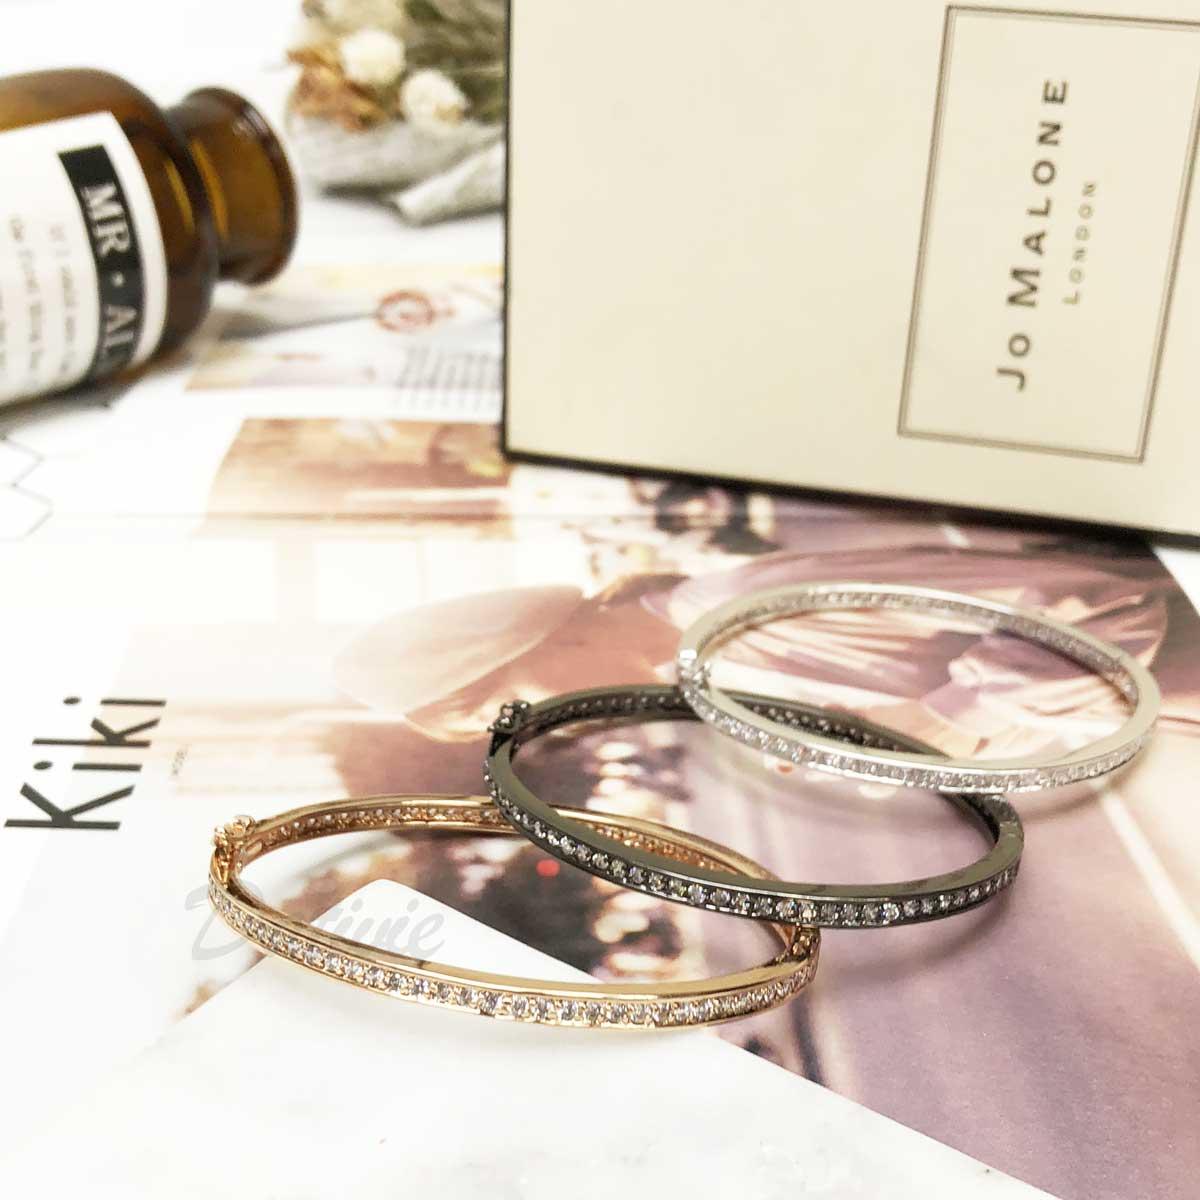 簡單 水鑽 玫瑰金 簡約 大 排鑽 素雅 氣質款 手環 手飾